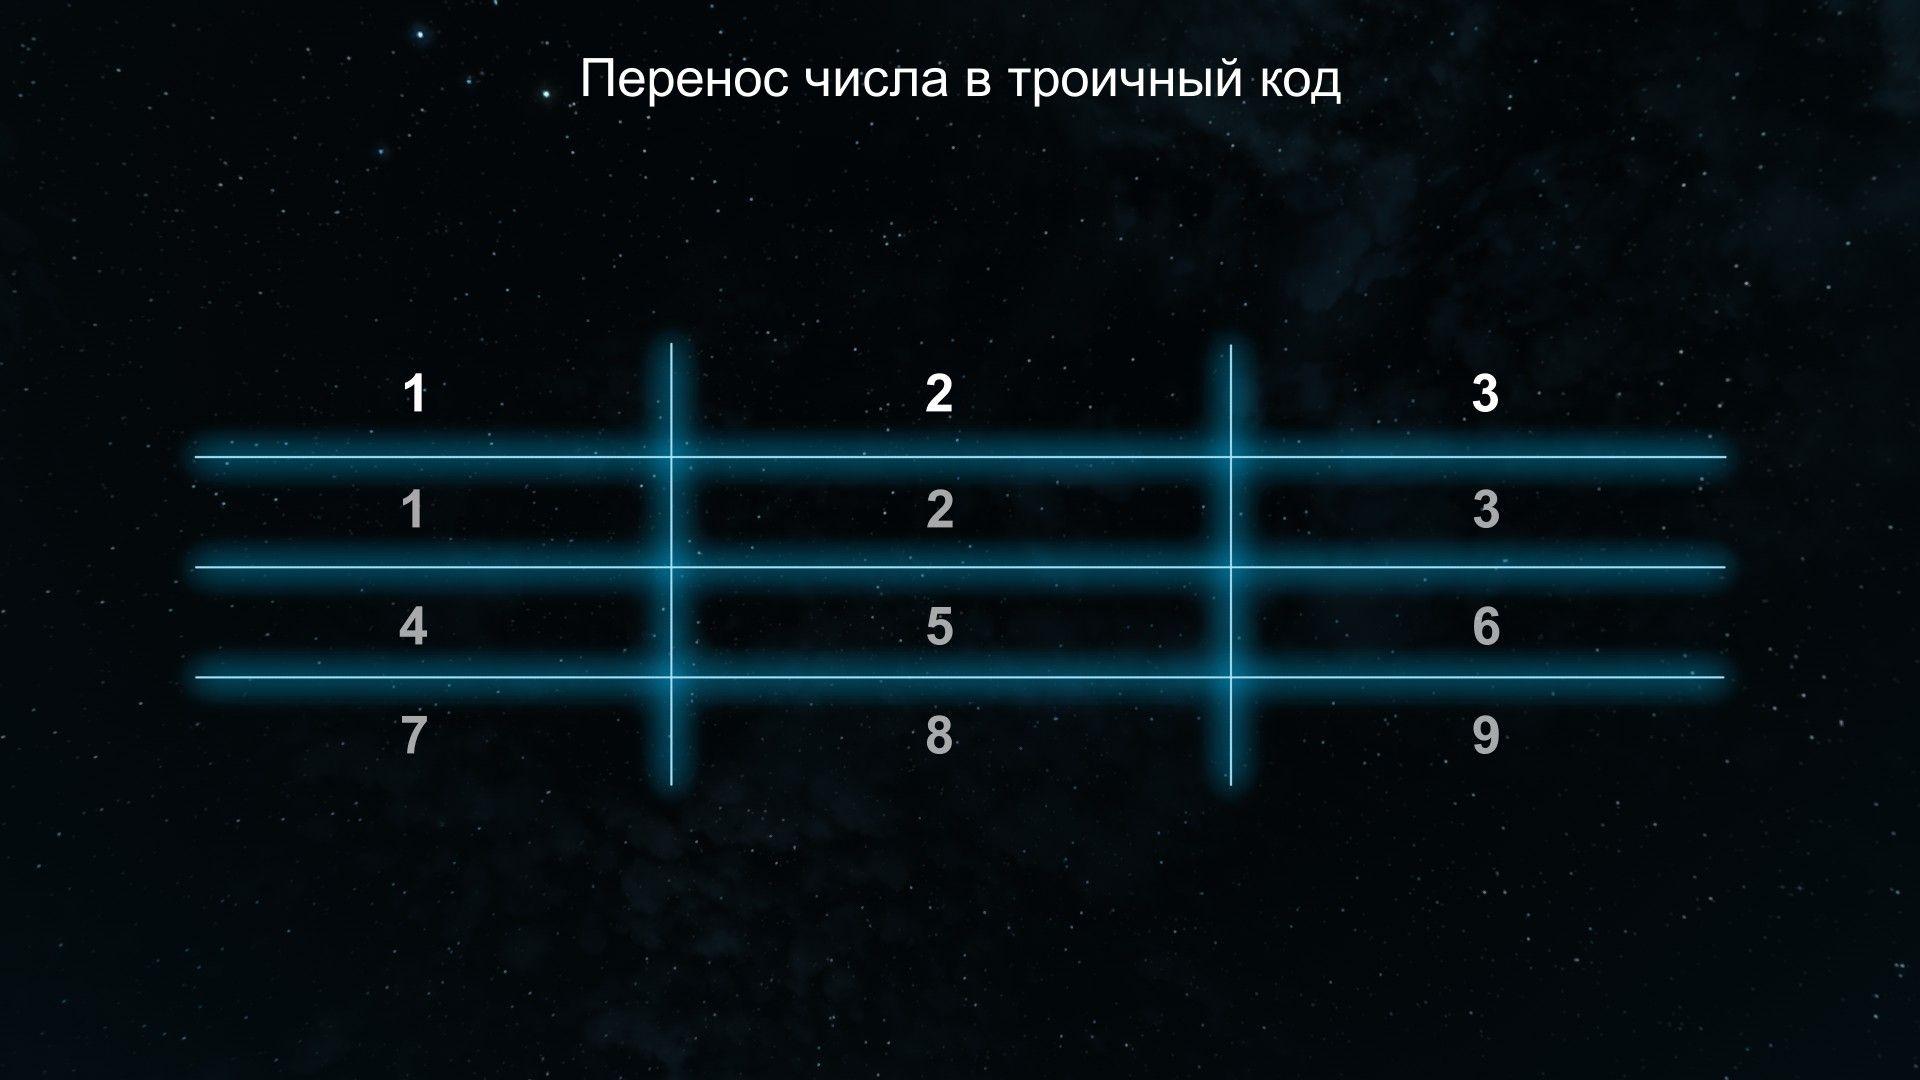 Перенос числа в троичный код